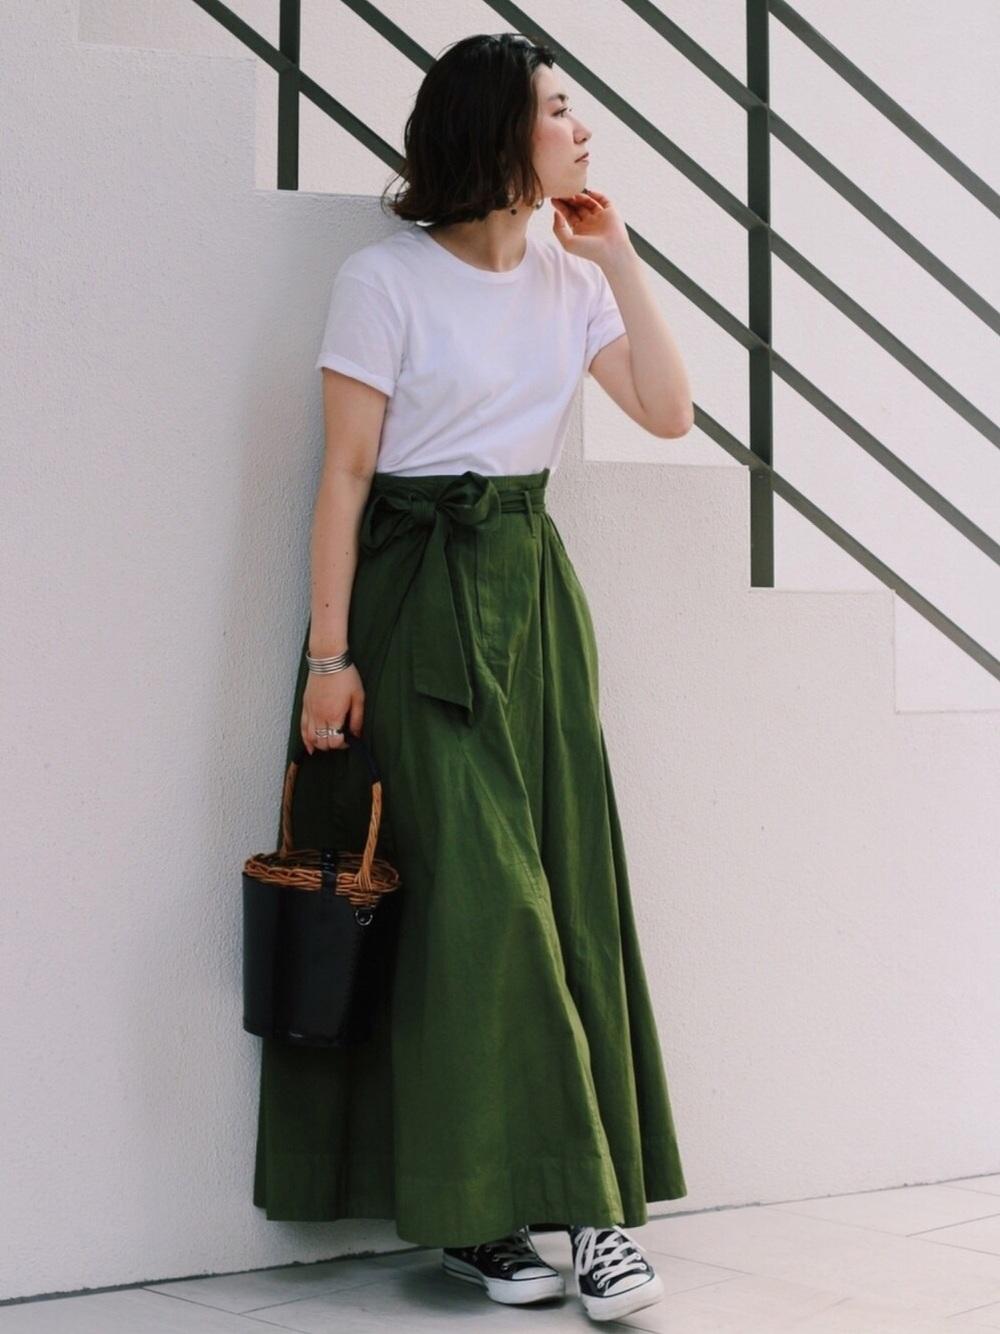 マキシ丈のスカートが光るコーディネートにさりげなく合うヘインズ(Hanes)Tシャツ。大人感の漂うコーディネートです。